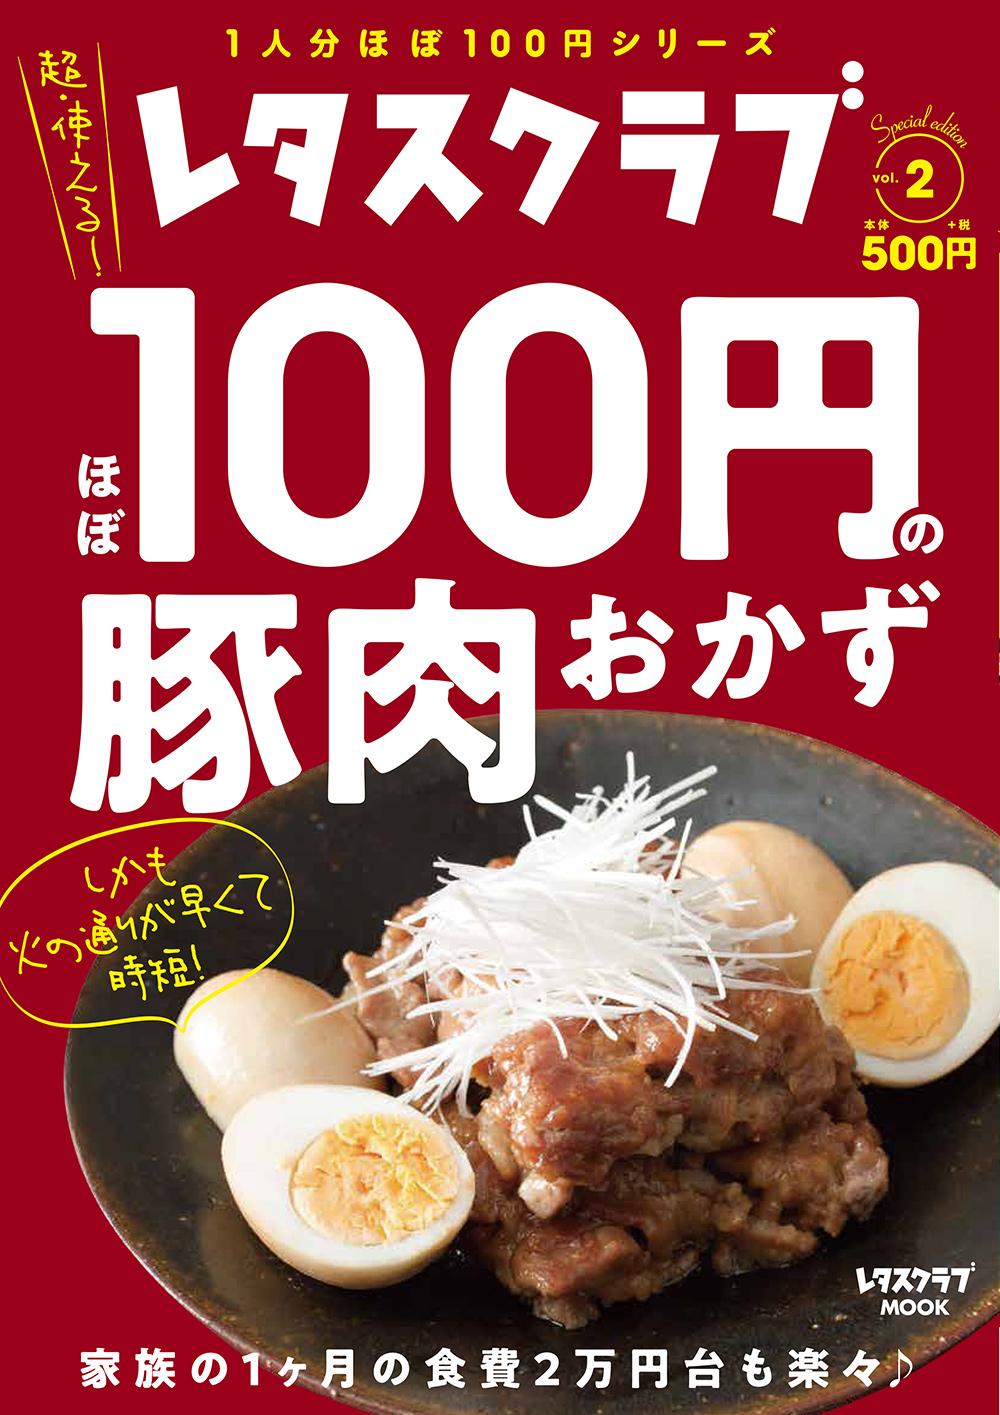 『ほぼ100円のとり肉おかず』第2弾